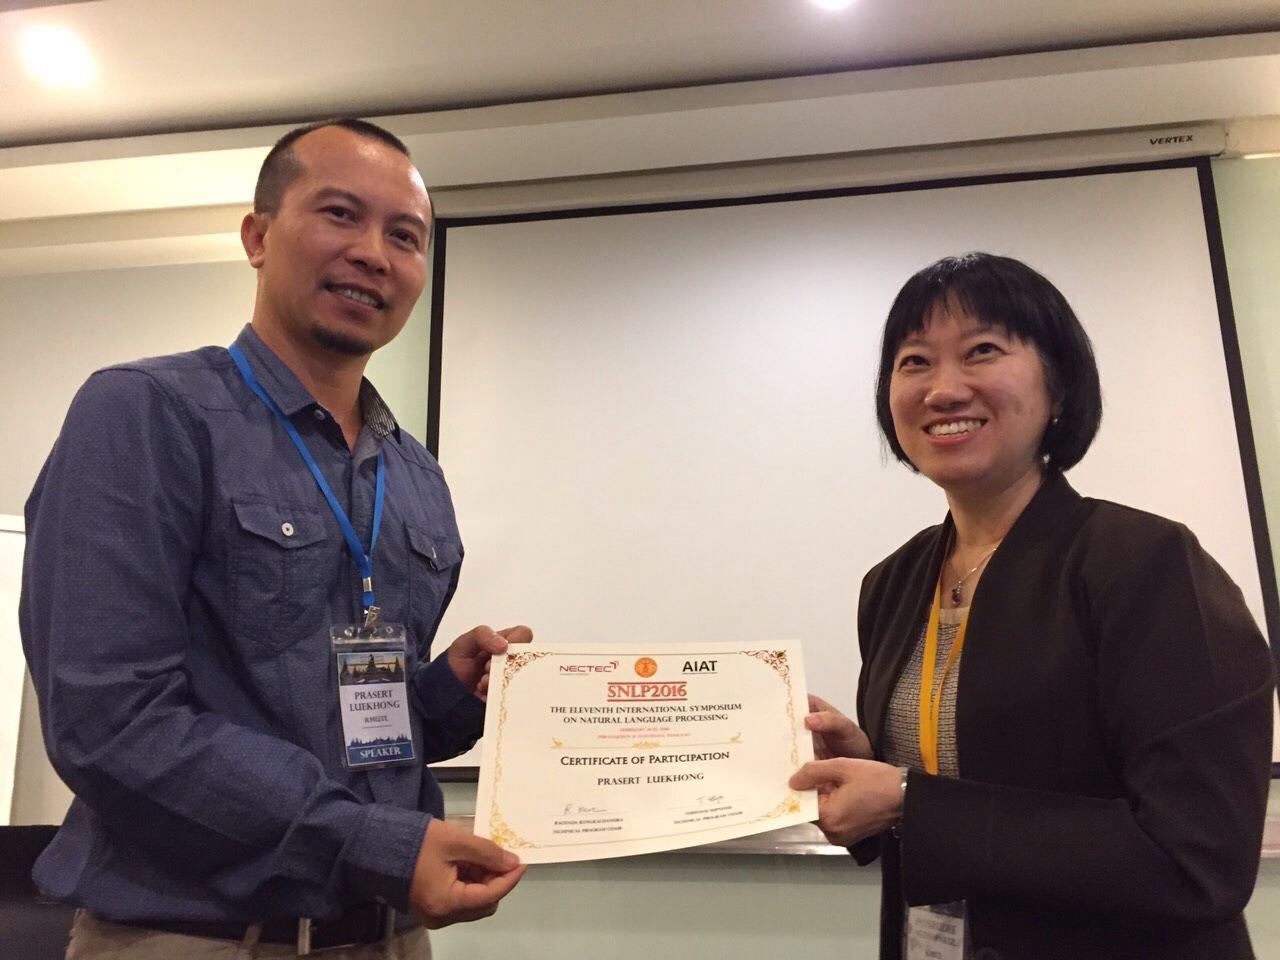 บุคลากรวิทยาลัยฯ เข้าร่วมงานประชุมนำเสนอผลงานวิชาการระดับนานาชาติ The Eleventh International Symposium on Natural Language Processing SNLP-2016 จังหวัดพระนครศรีอยุธยา